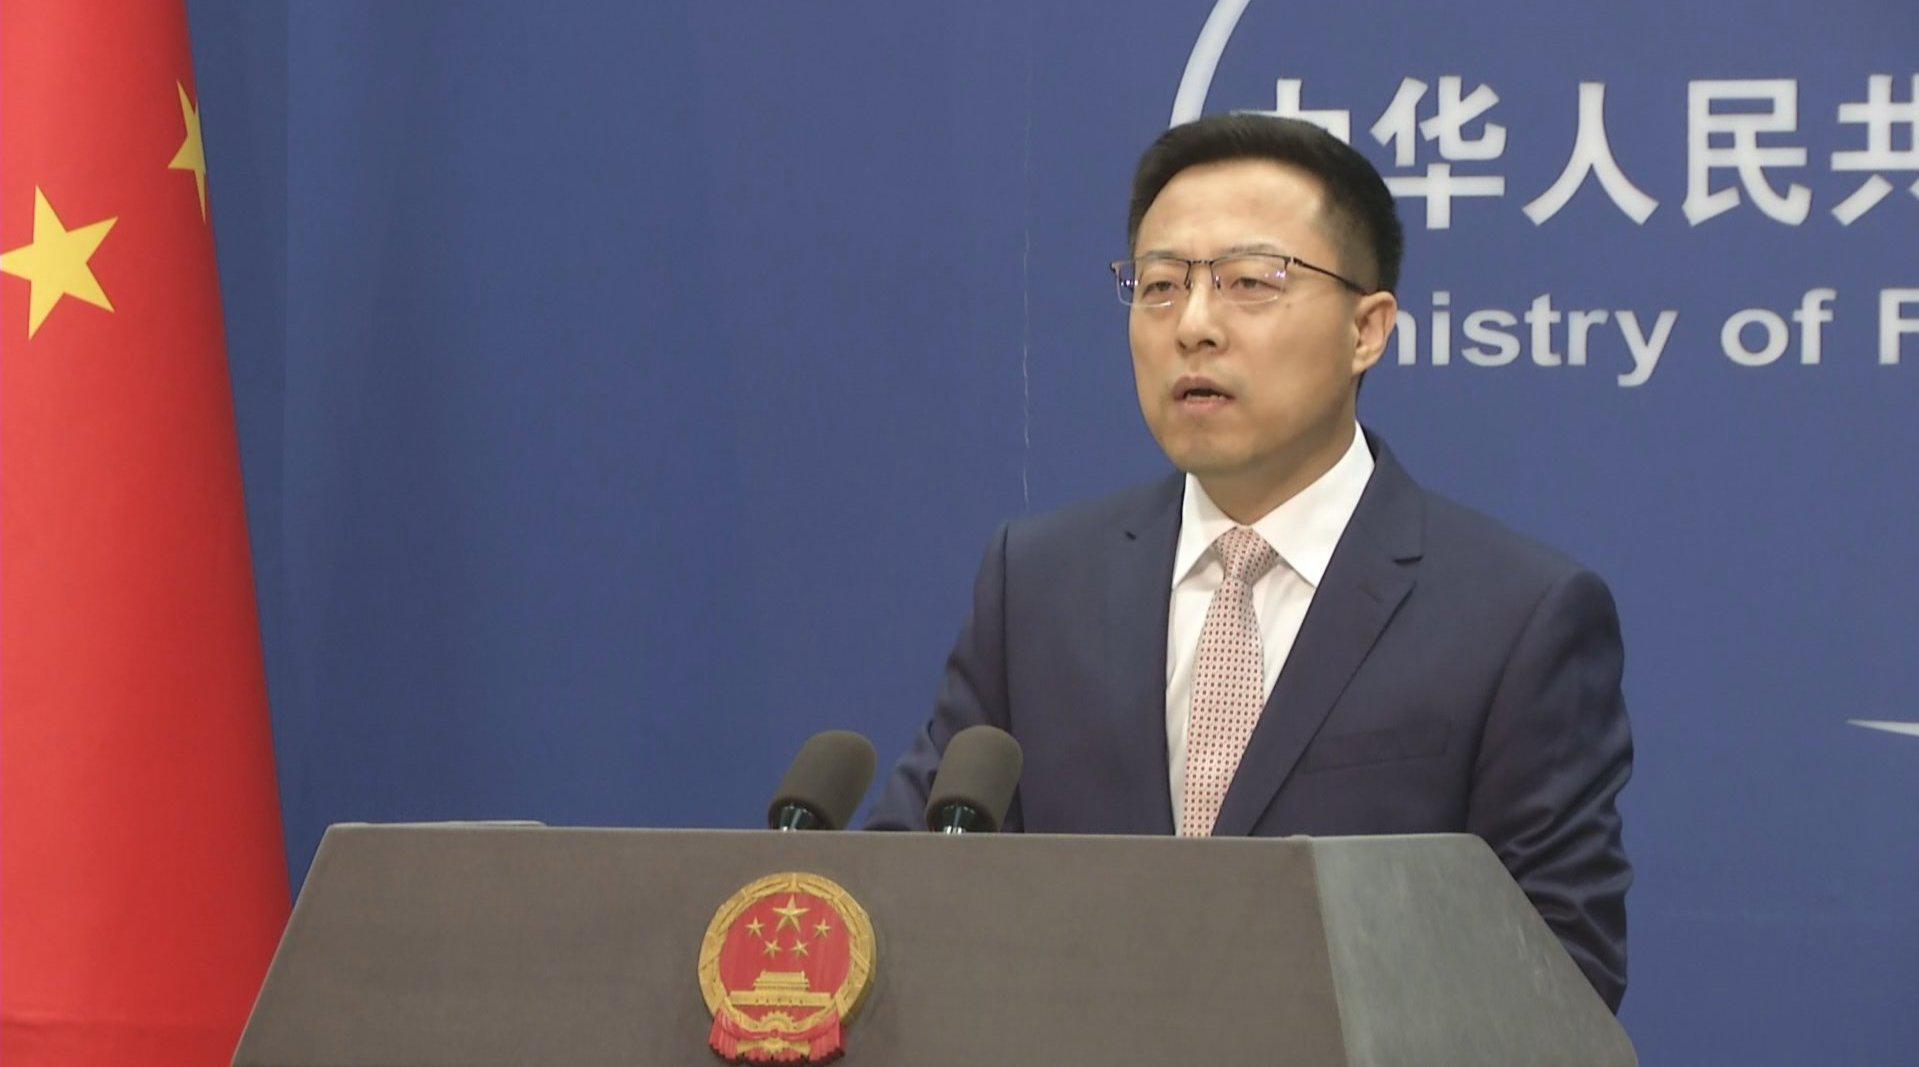 外交部宣布对等反制 6家驻华美媒须申报人事及财务纪录